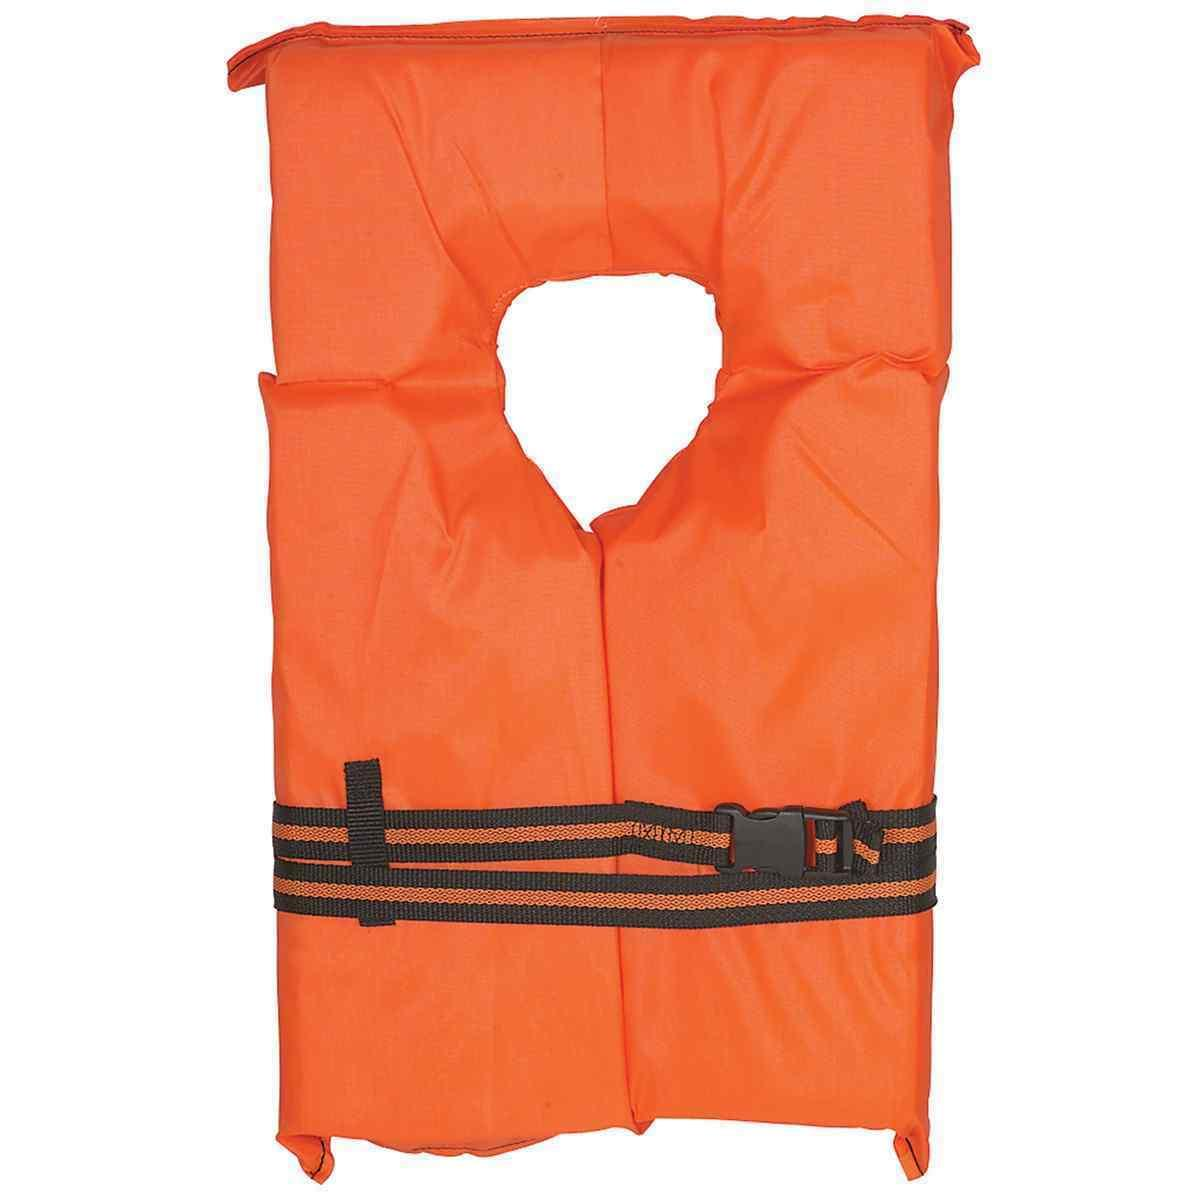 Life 4 II Orange Boating USCG PFD